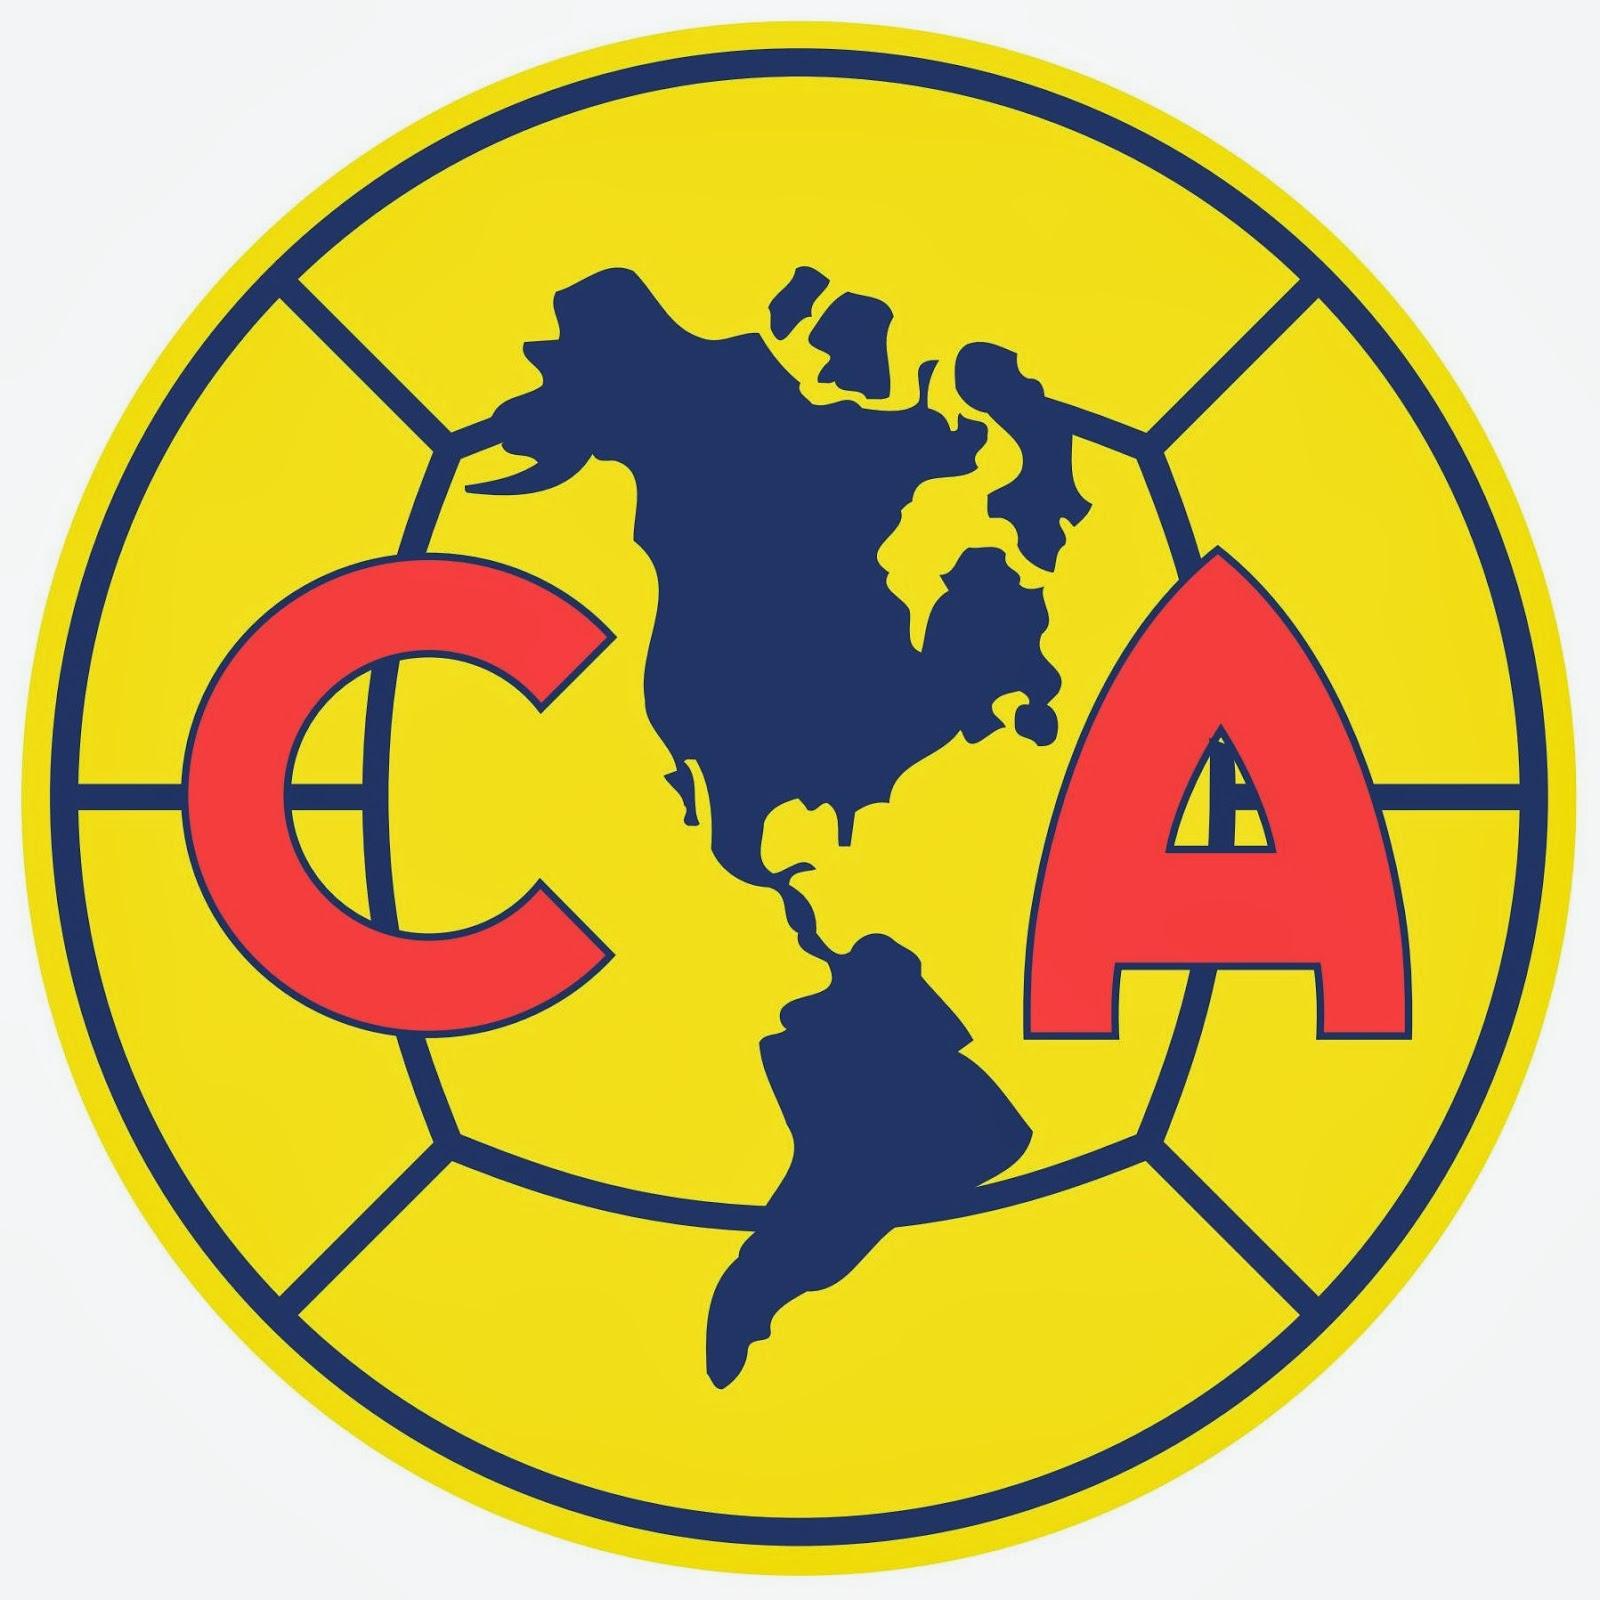 Aguilas Del Zulia logos, logo gratis - ClipartLogo.com